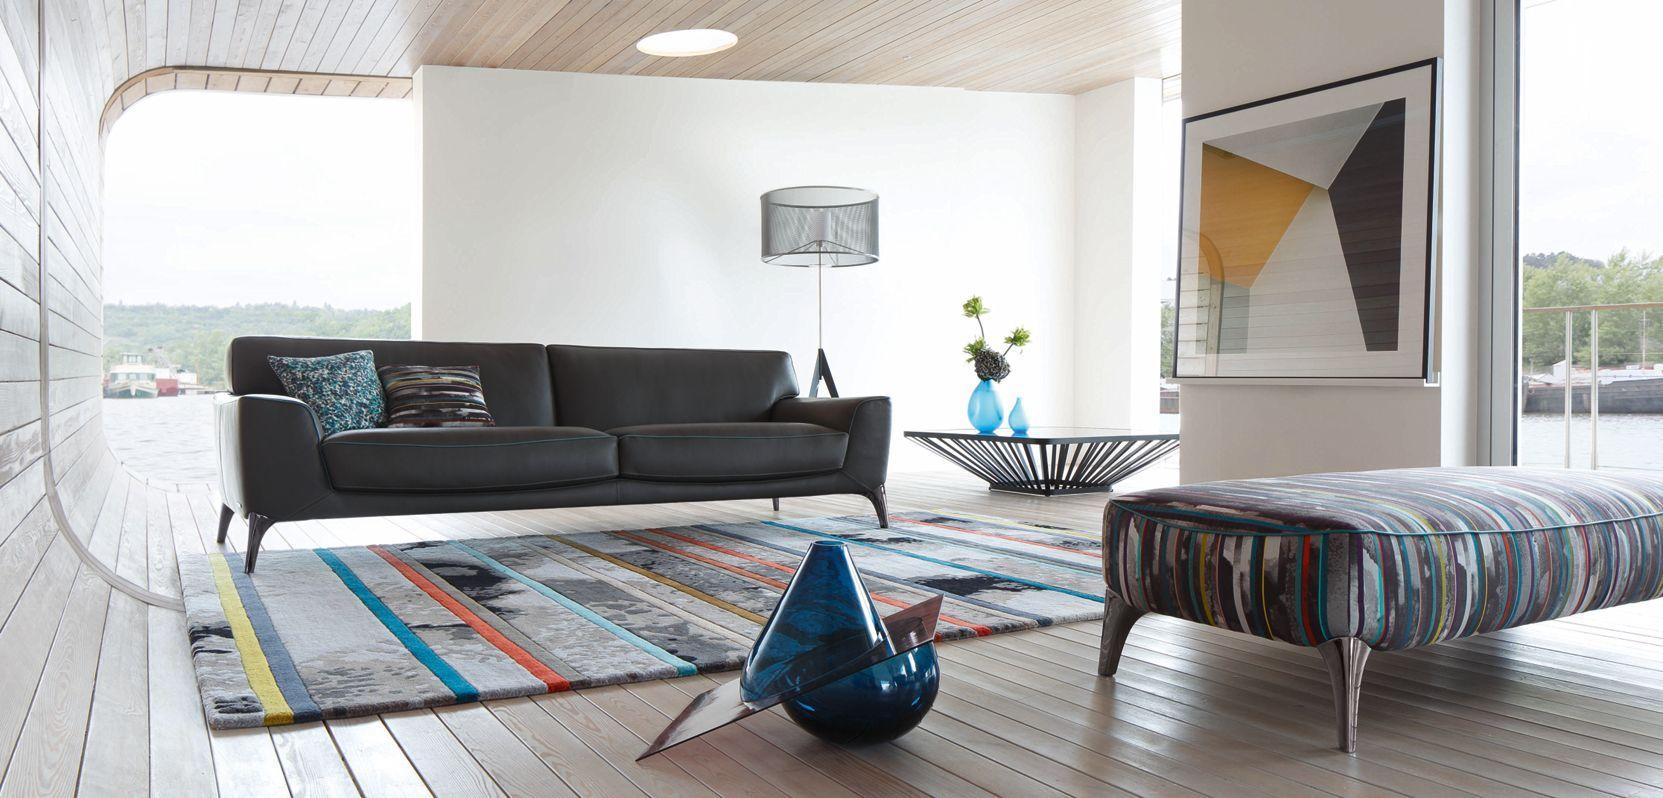 Roche Bobois Graphite Leather Sofa Design Philippe Bouix Rochebobois Leather Sofa Contemporary Furniture Sofa Design Seating